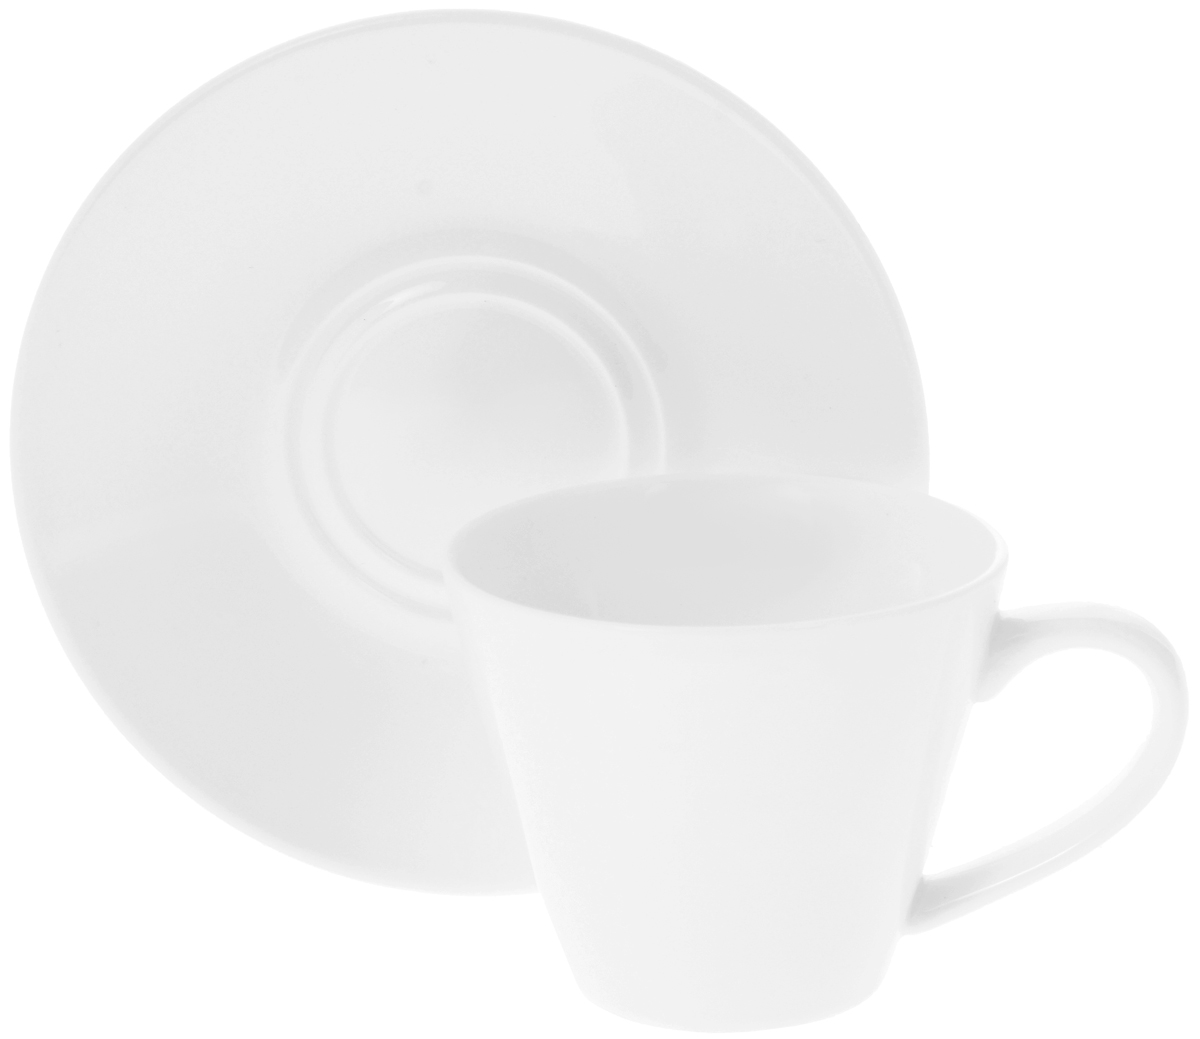 Чайная пара Wilmax, 2 предмета. WL-99300424662_синий, желтый, коричневыйЧайная пара Wilmax состоит из чашки и блюдца, выполненных из высококачественного фарфора и оформленных в классическом стиле. Оригинальный дизайн обязательно придется вам по вкусу. Чайная пара Wilmax украсит ваш кухонный стол, а также станет замечательным подарком к любому празднику.Объем чашки: 180 мл.Диаметр чашки (по верхнему краю): 8 см.Диаметр основания чашки: 4,5 см.Высота чашки: 7 см.Диаметр блюдца: 14 см.